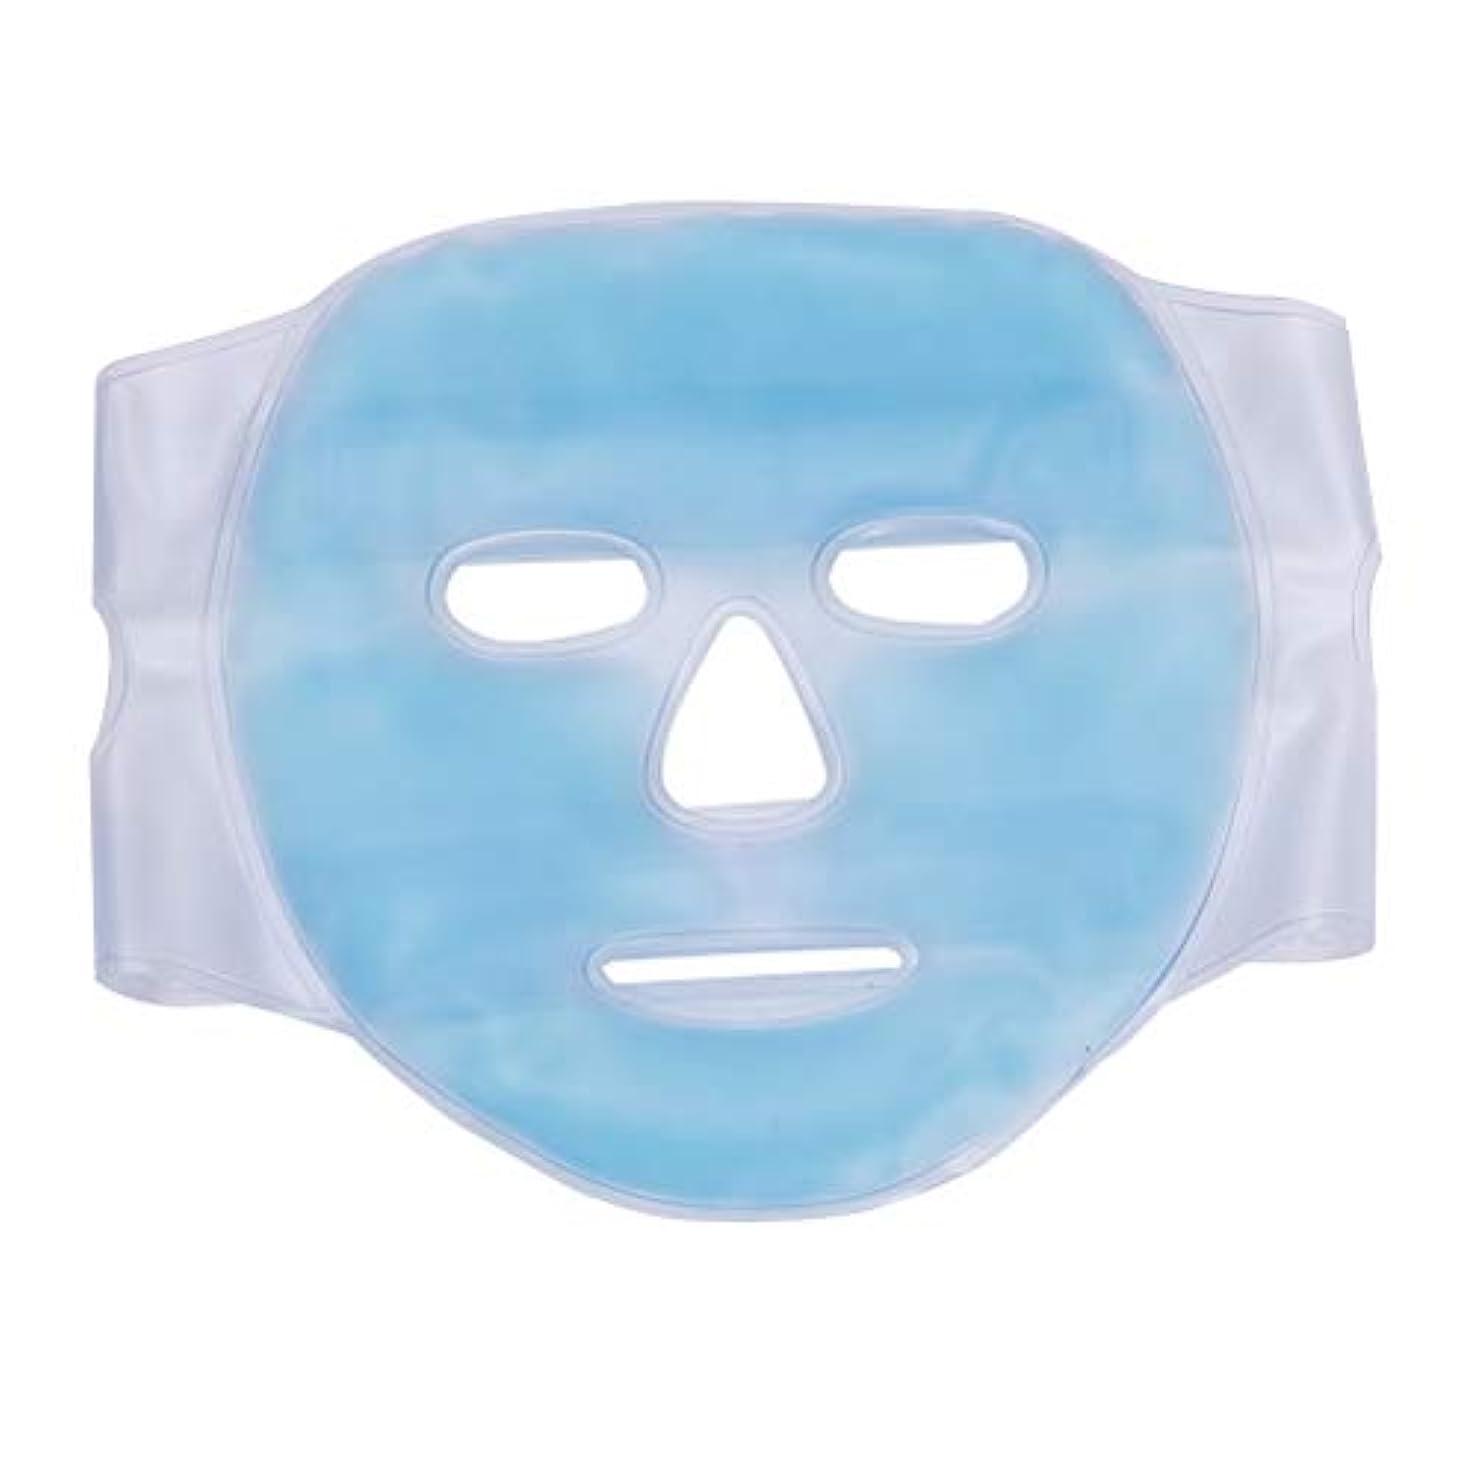 へこみアナロジー供給Healifty Gelコールド&ホットコンプレッションフェイシャルPVCアイスマスクフェイス(腫れぼったい顔用)ふくらんでいる目ダークサークル(ブルー)